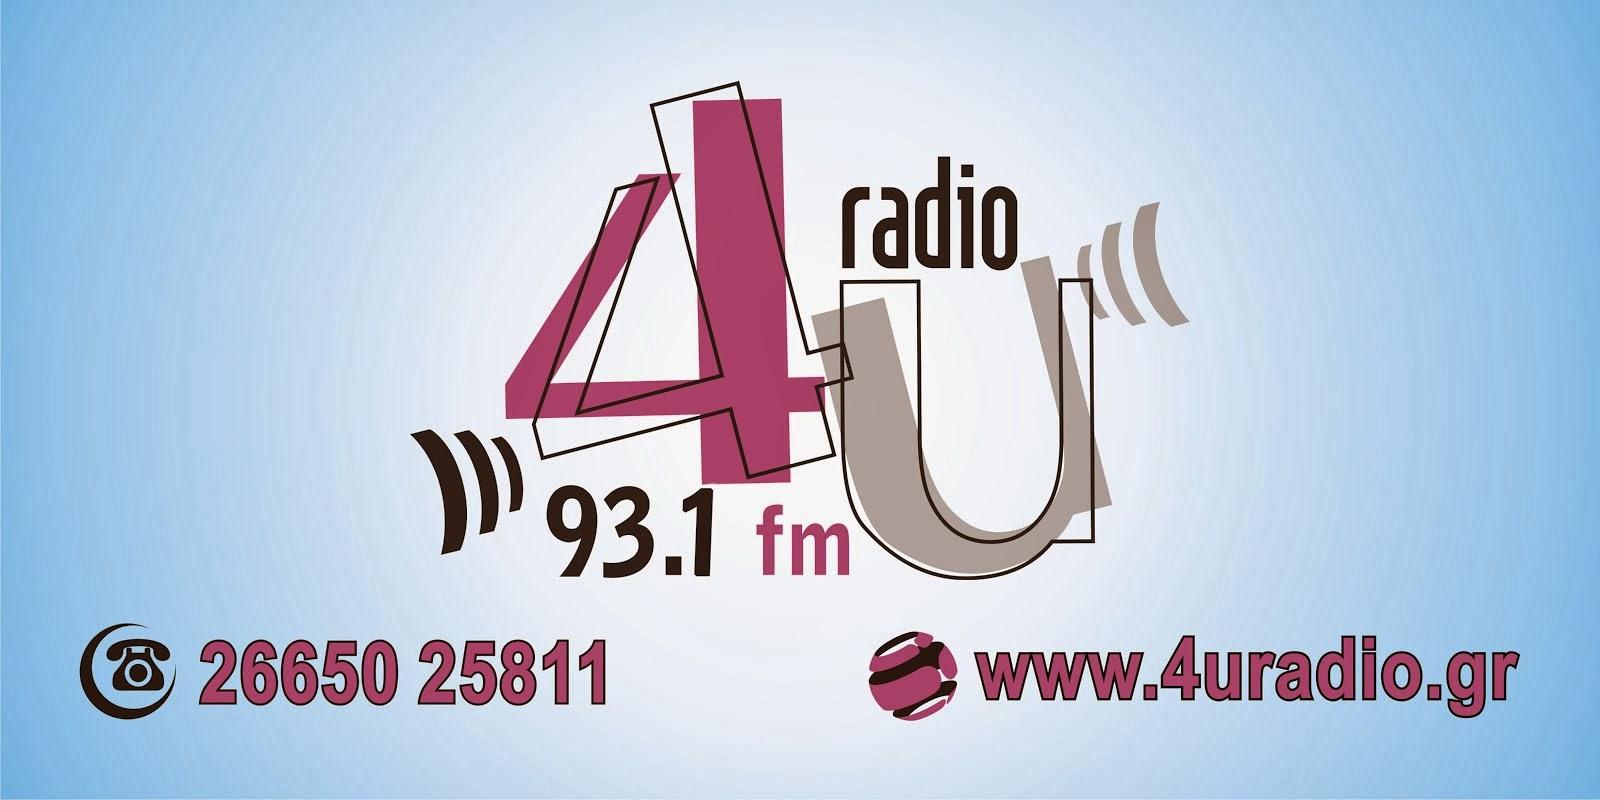 4u radio 93,1 fm